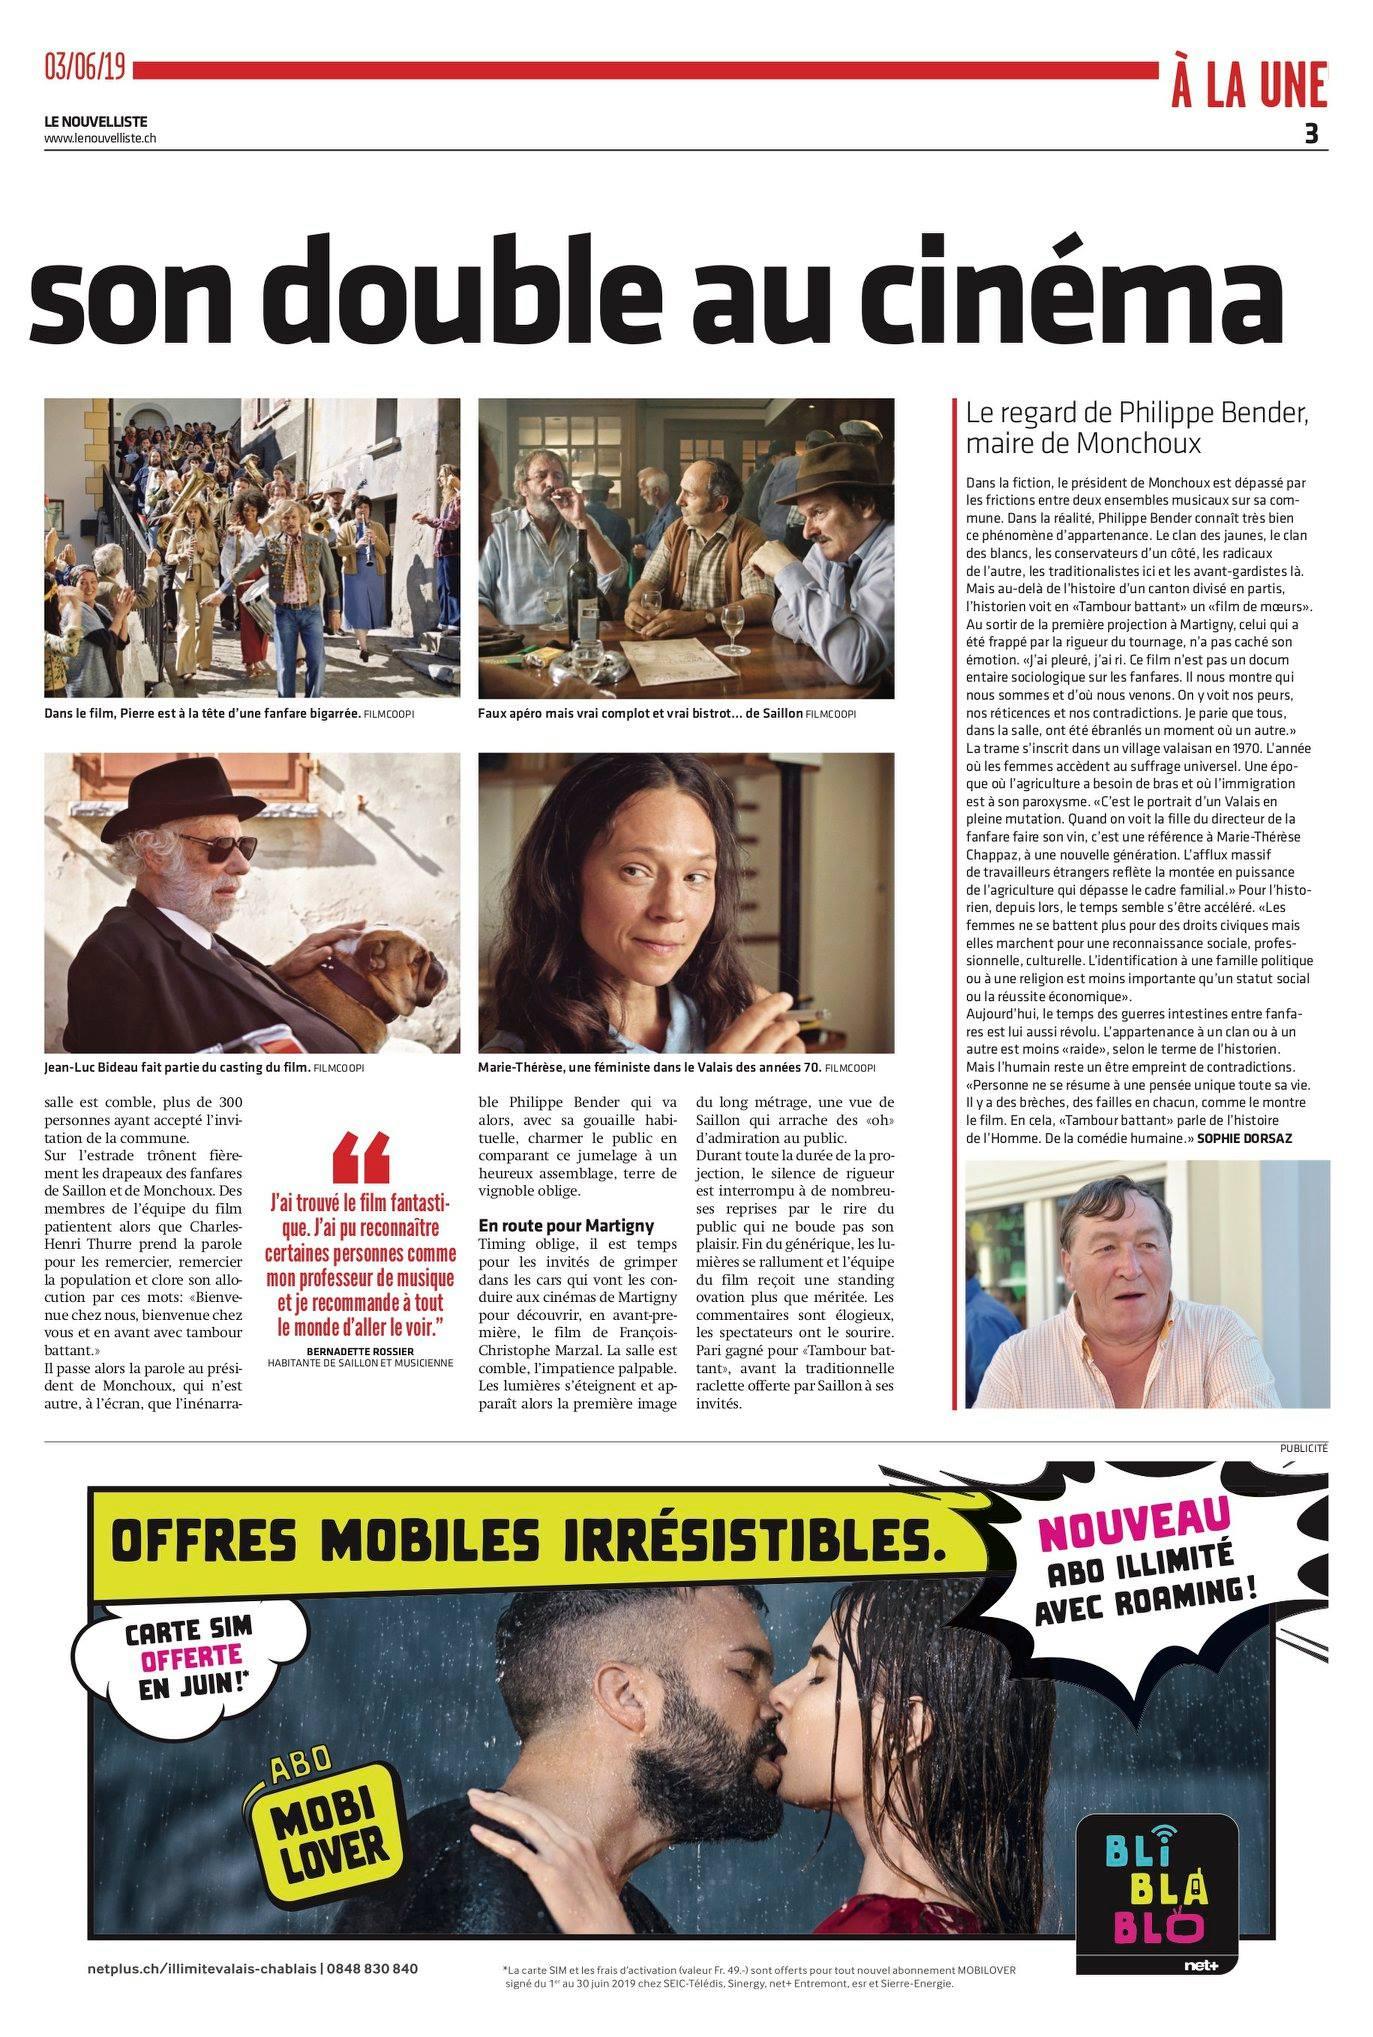 Le Nouvelliste - 3 Juin 2019 (Page 2)